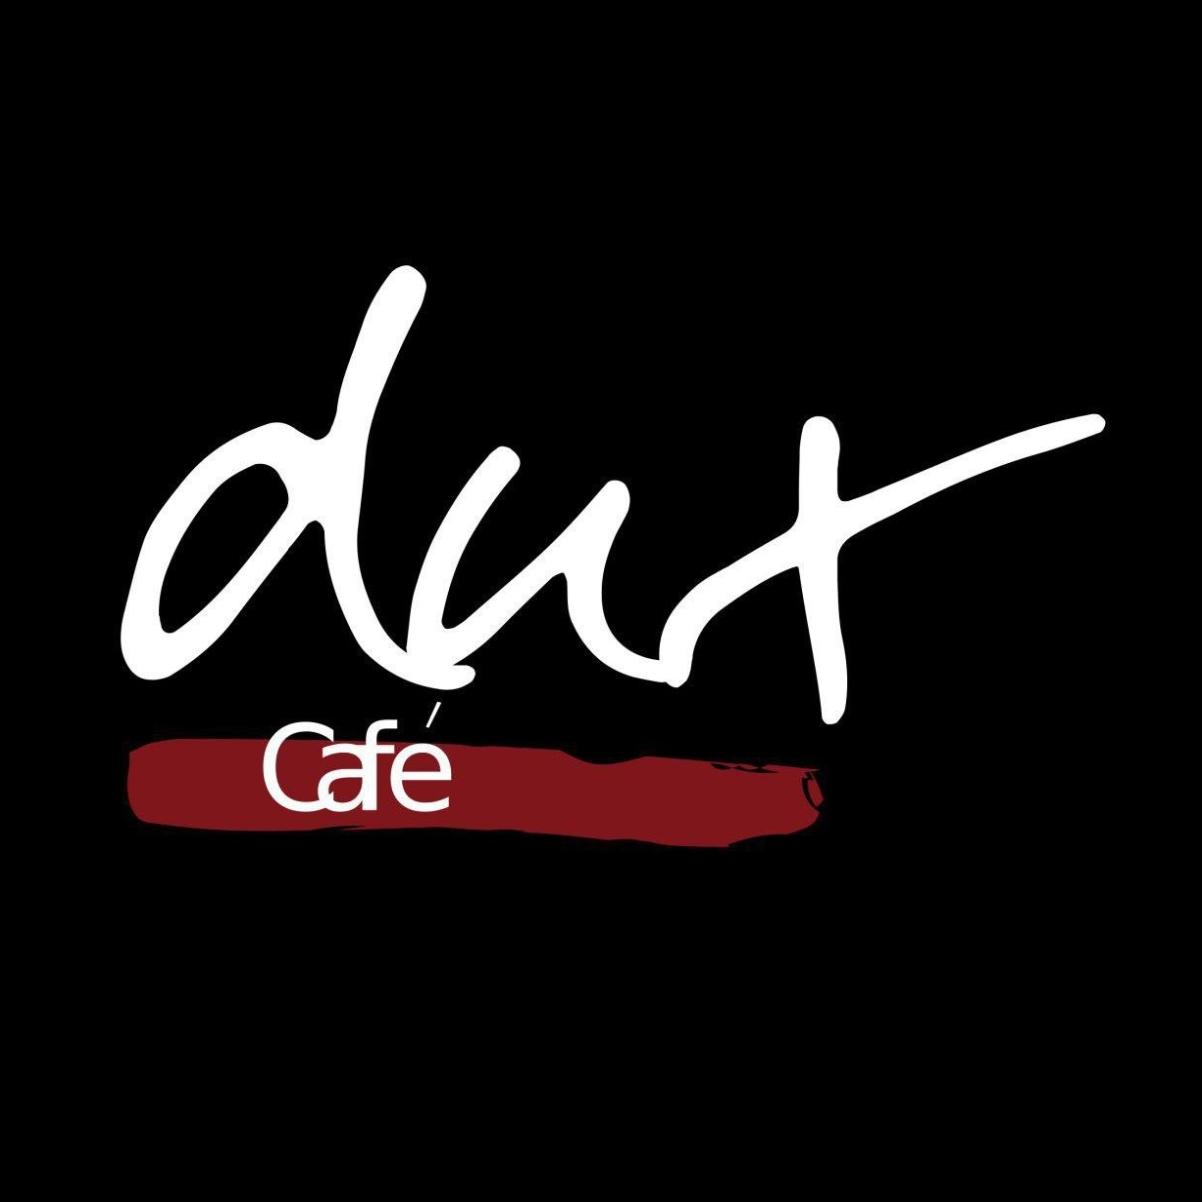 DUX Café